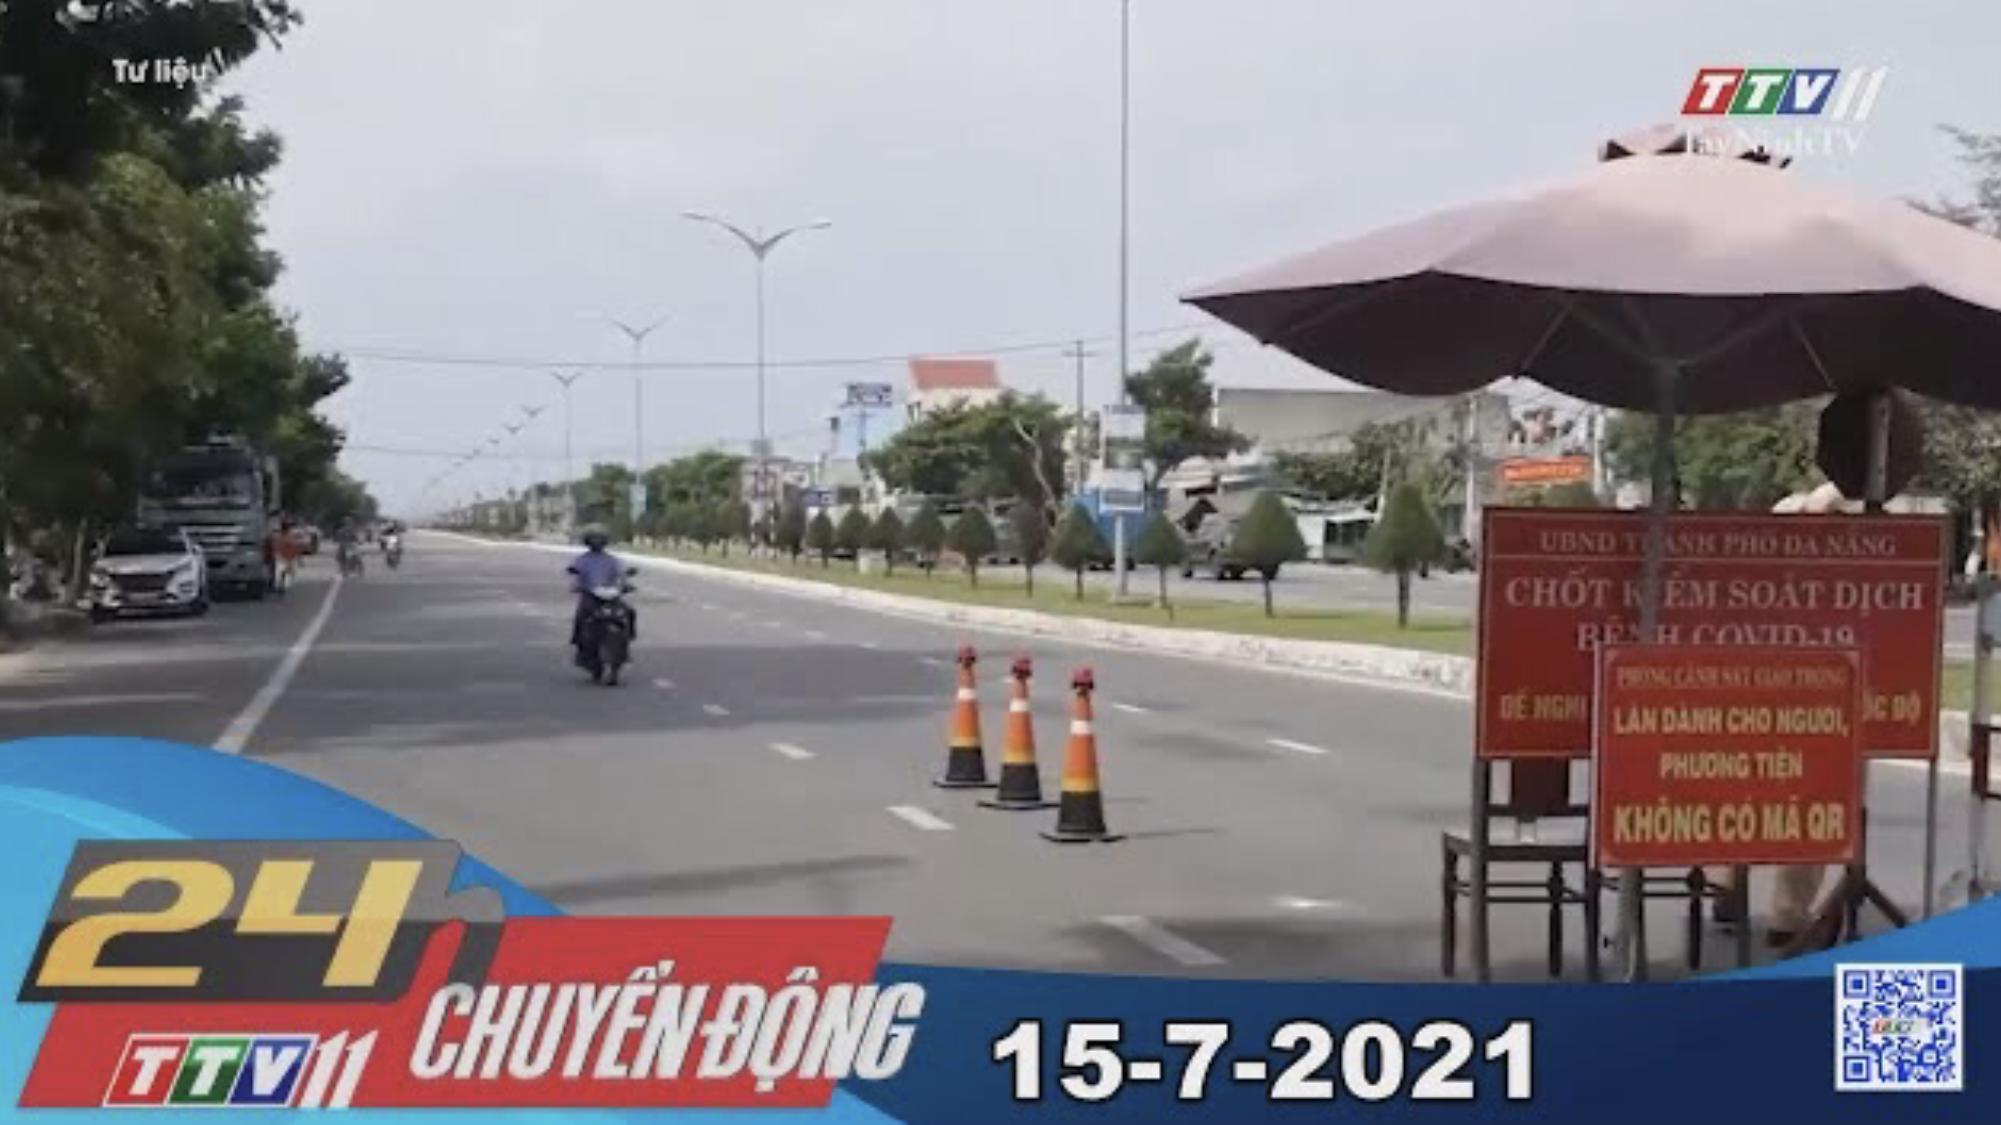 24h Chuyển động 15-7-2021 | Tin tức hôm nay | TayNinhTV